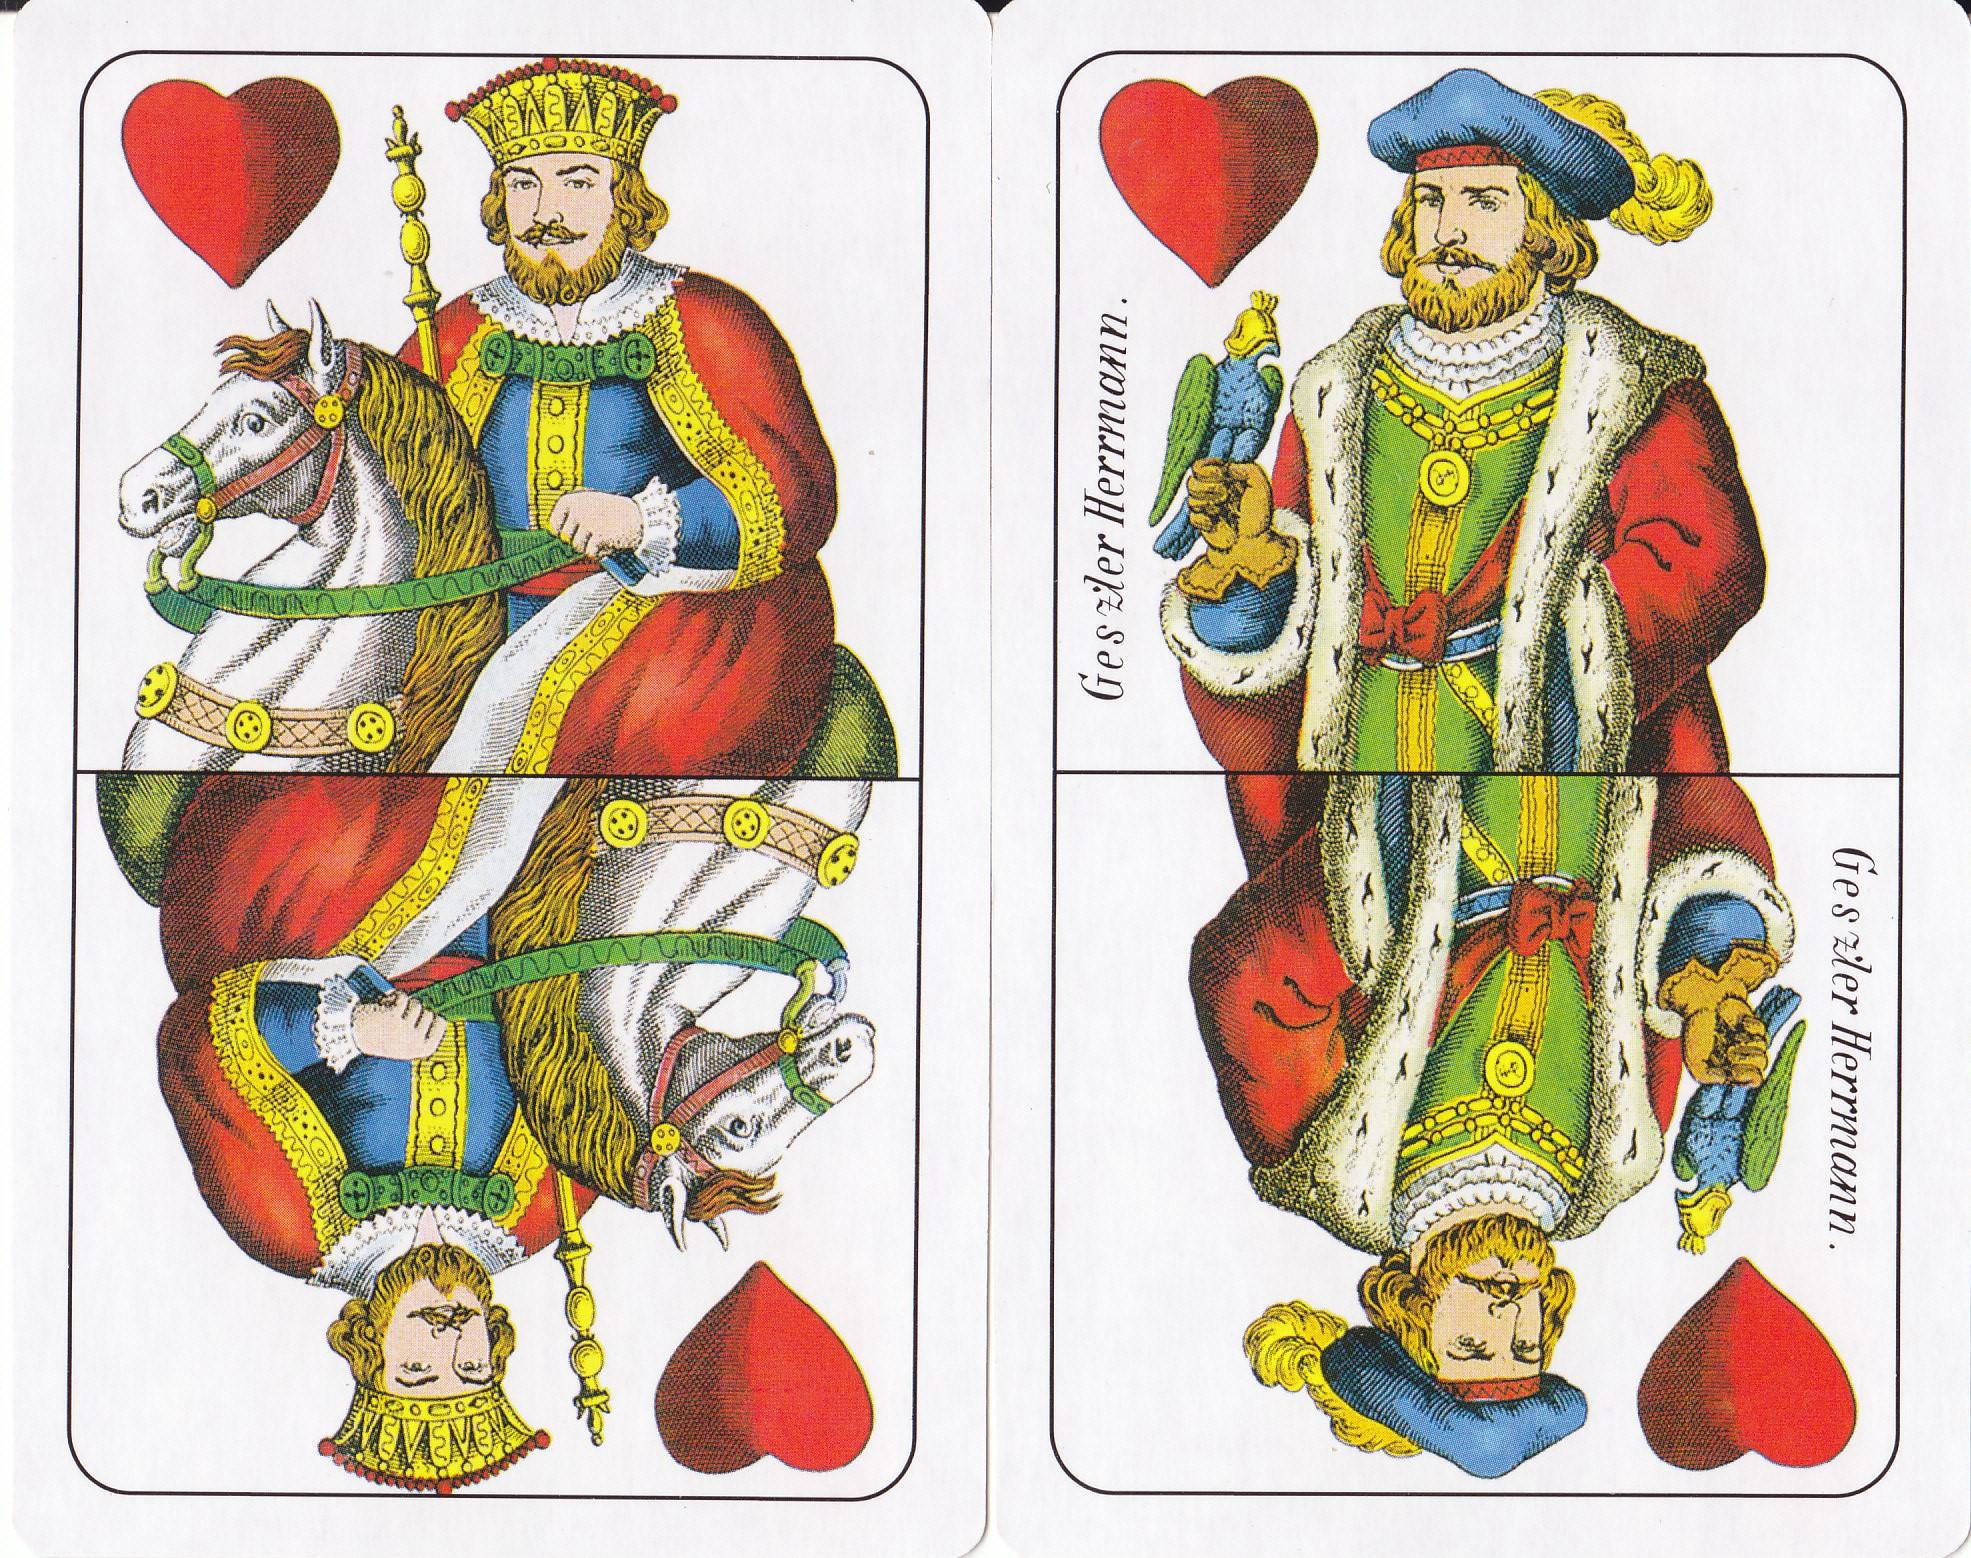 Piros király, felső